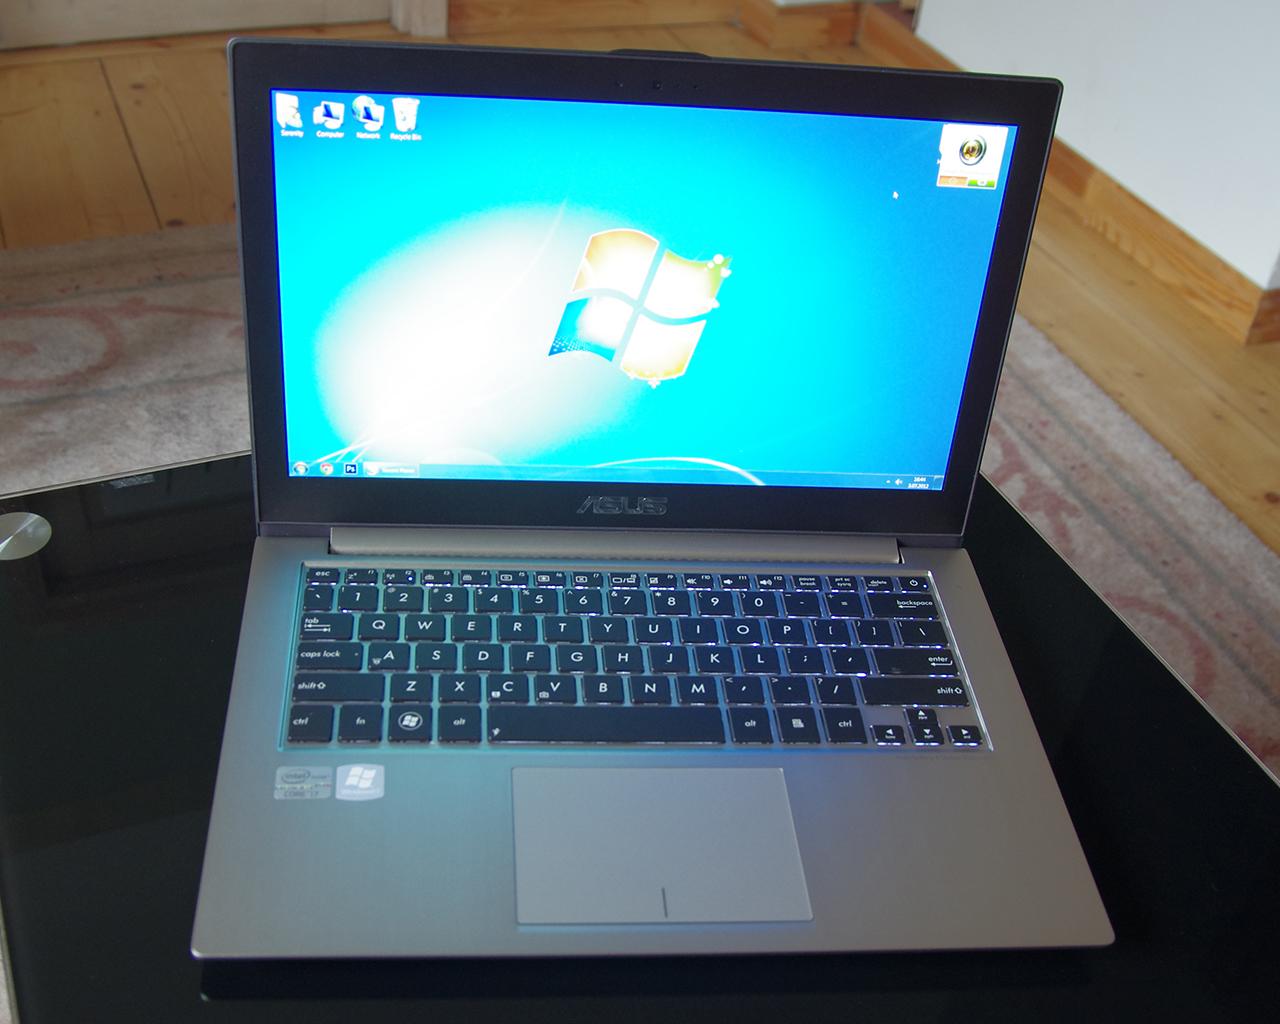 59a1852ab9d Ultrabookid on viimase aja tõusev trend, millega proovivad enamus  arvutitootjad kaasa minna. Sai see kõik ju alguse Apple MacBook Air  rüperaalidest ning ...